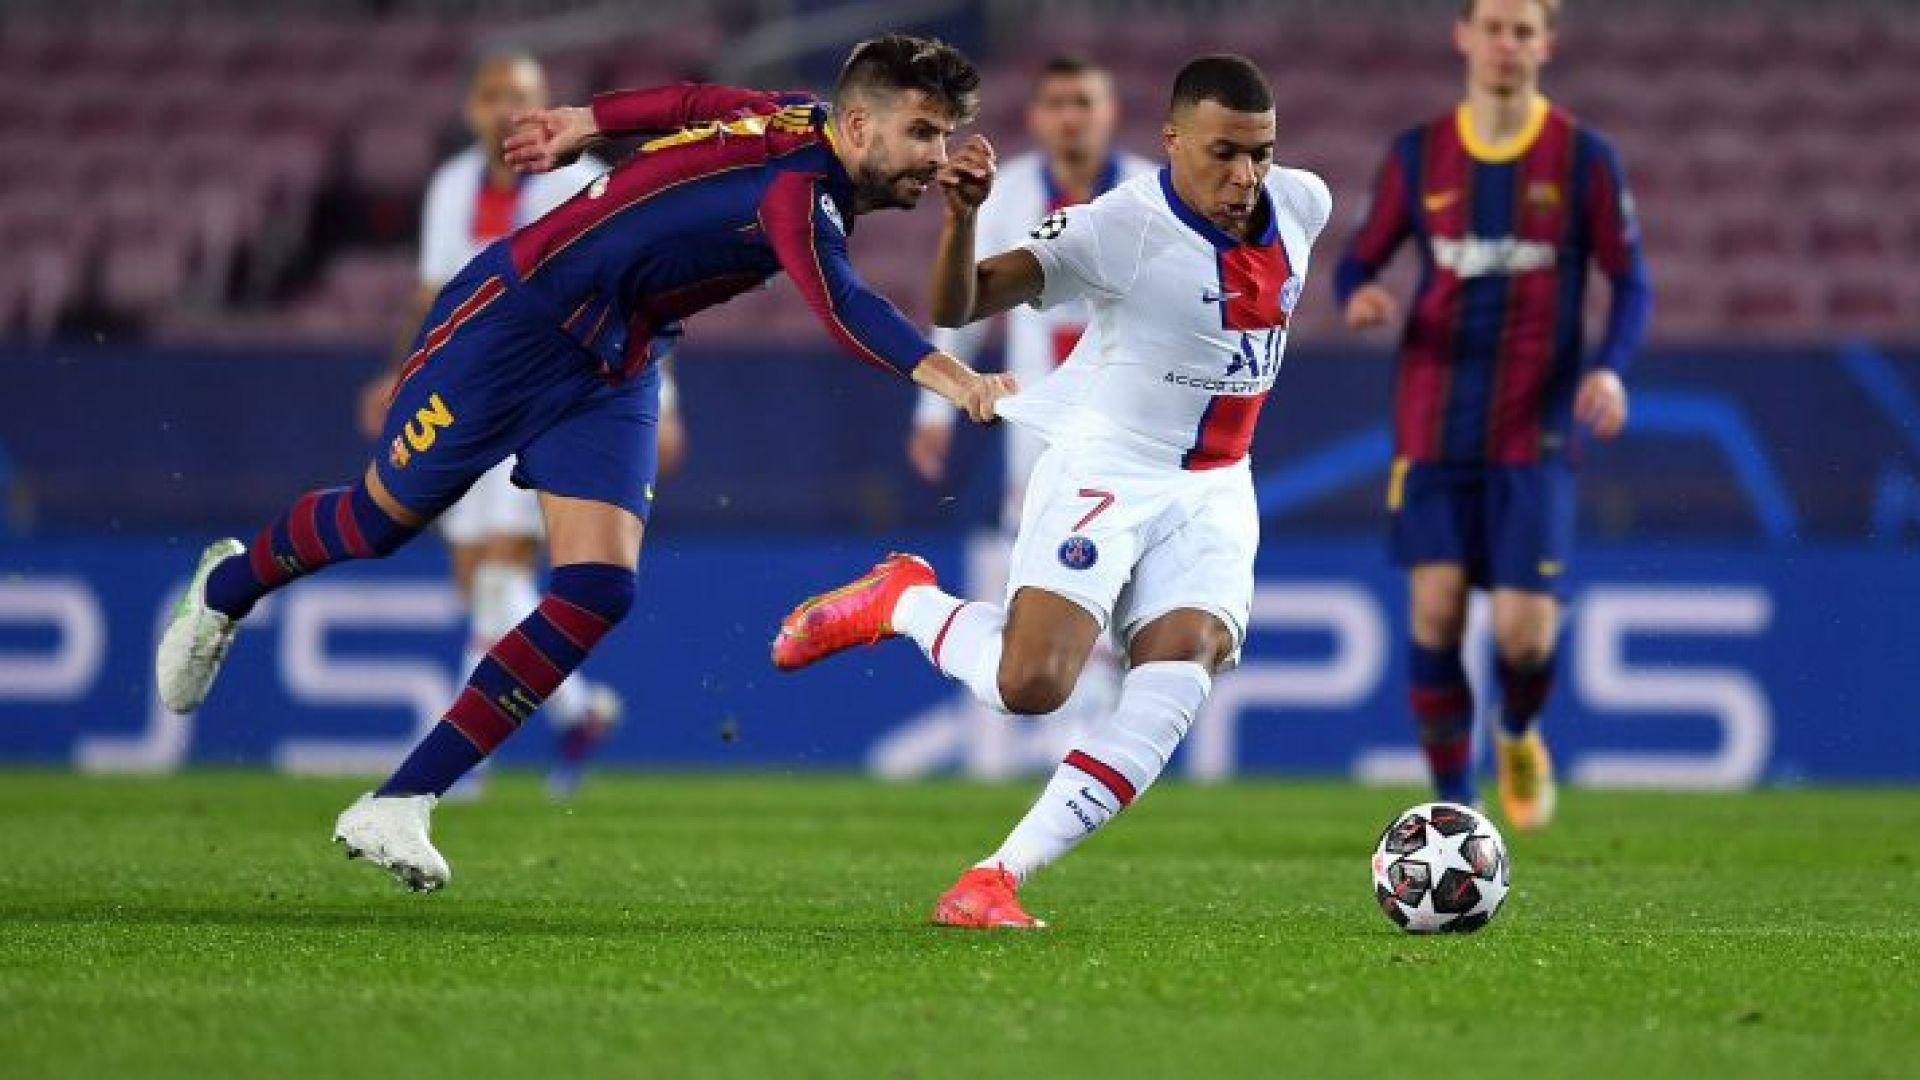 Свърши ли сезонът за Барселона след унижението срещу ПСЖ?